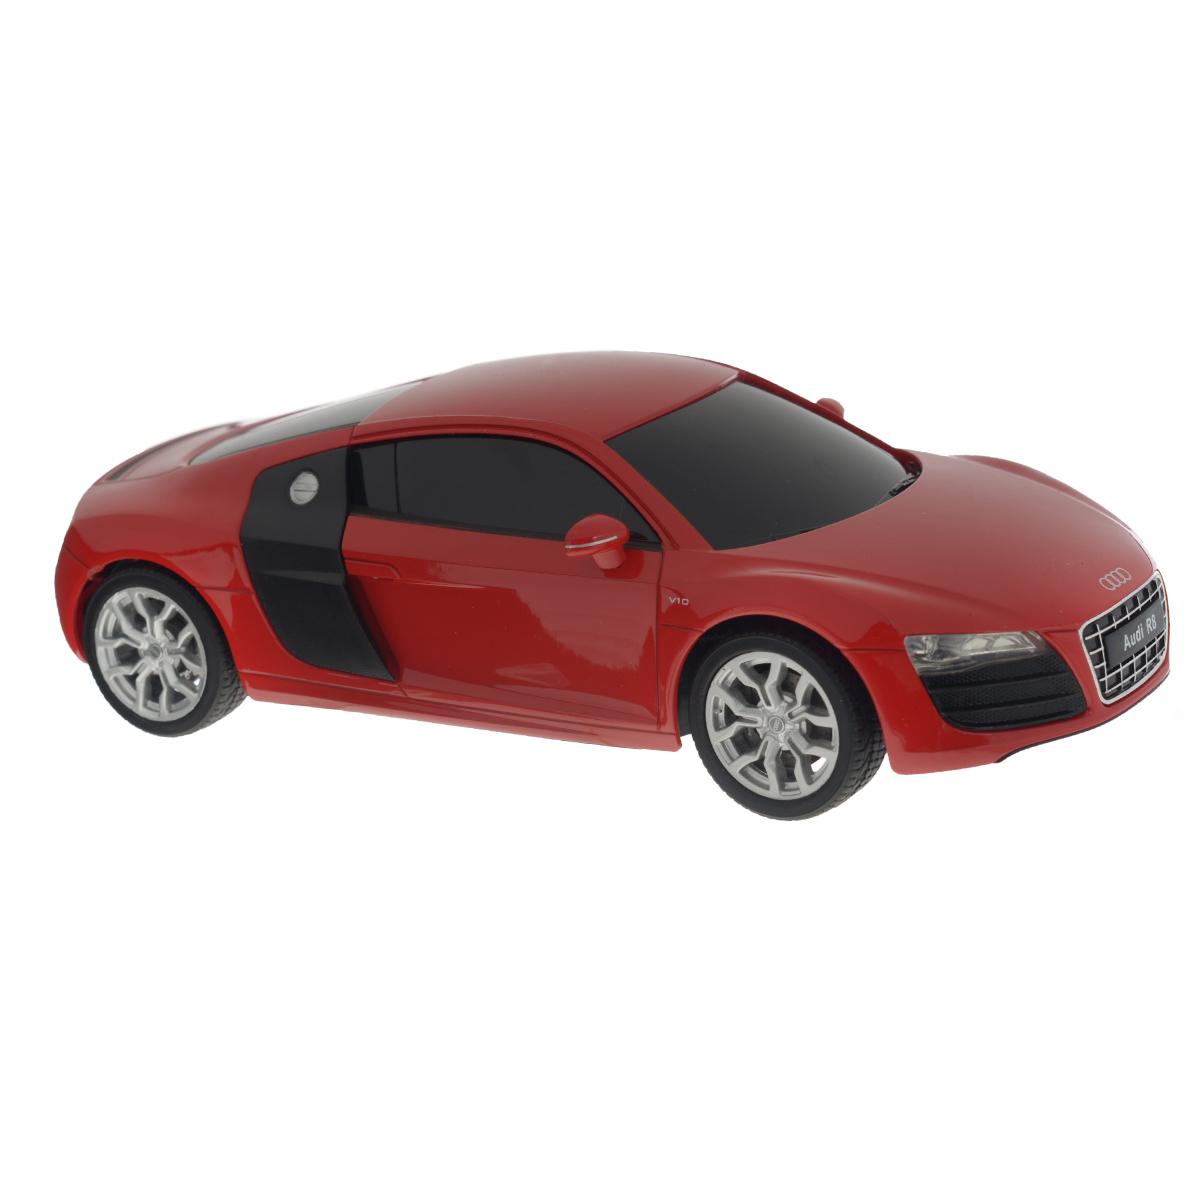 Welly Радиоуправляемая модель Audi R8 V10 цвет красный welly модель автомобиля audi q7 цвет серый